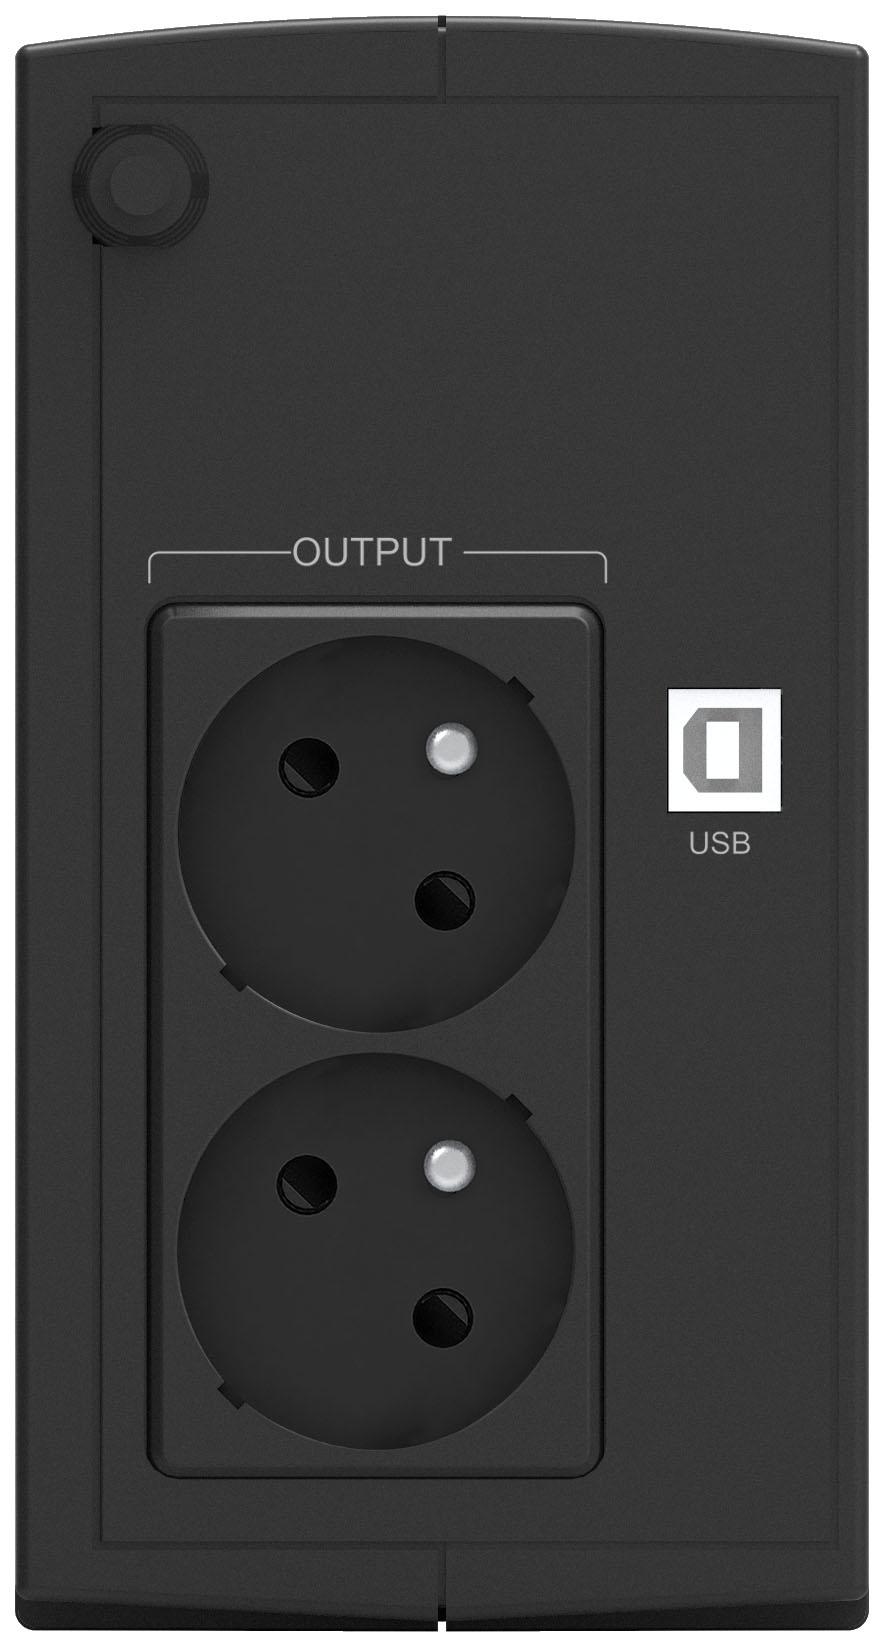 Onduleur régulateur de tension (AVR) PowerWalker Basic VI 650VA / 360W , informatique ile de la Réunion 974